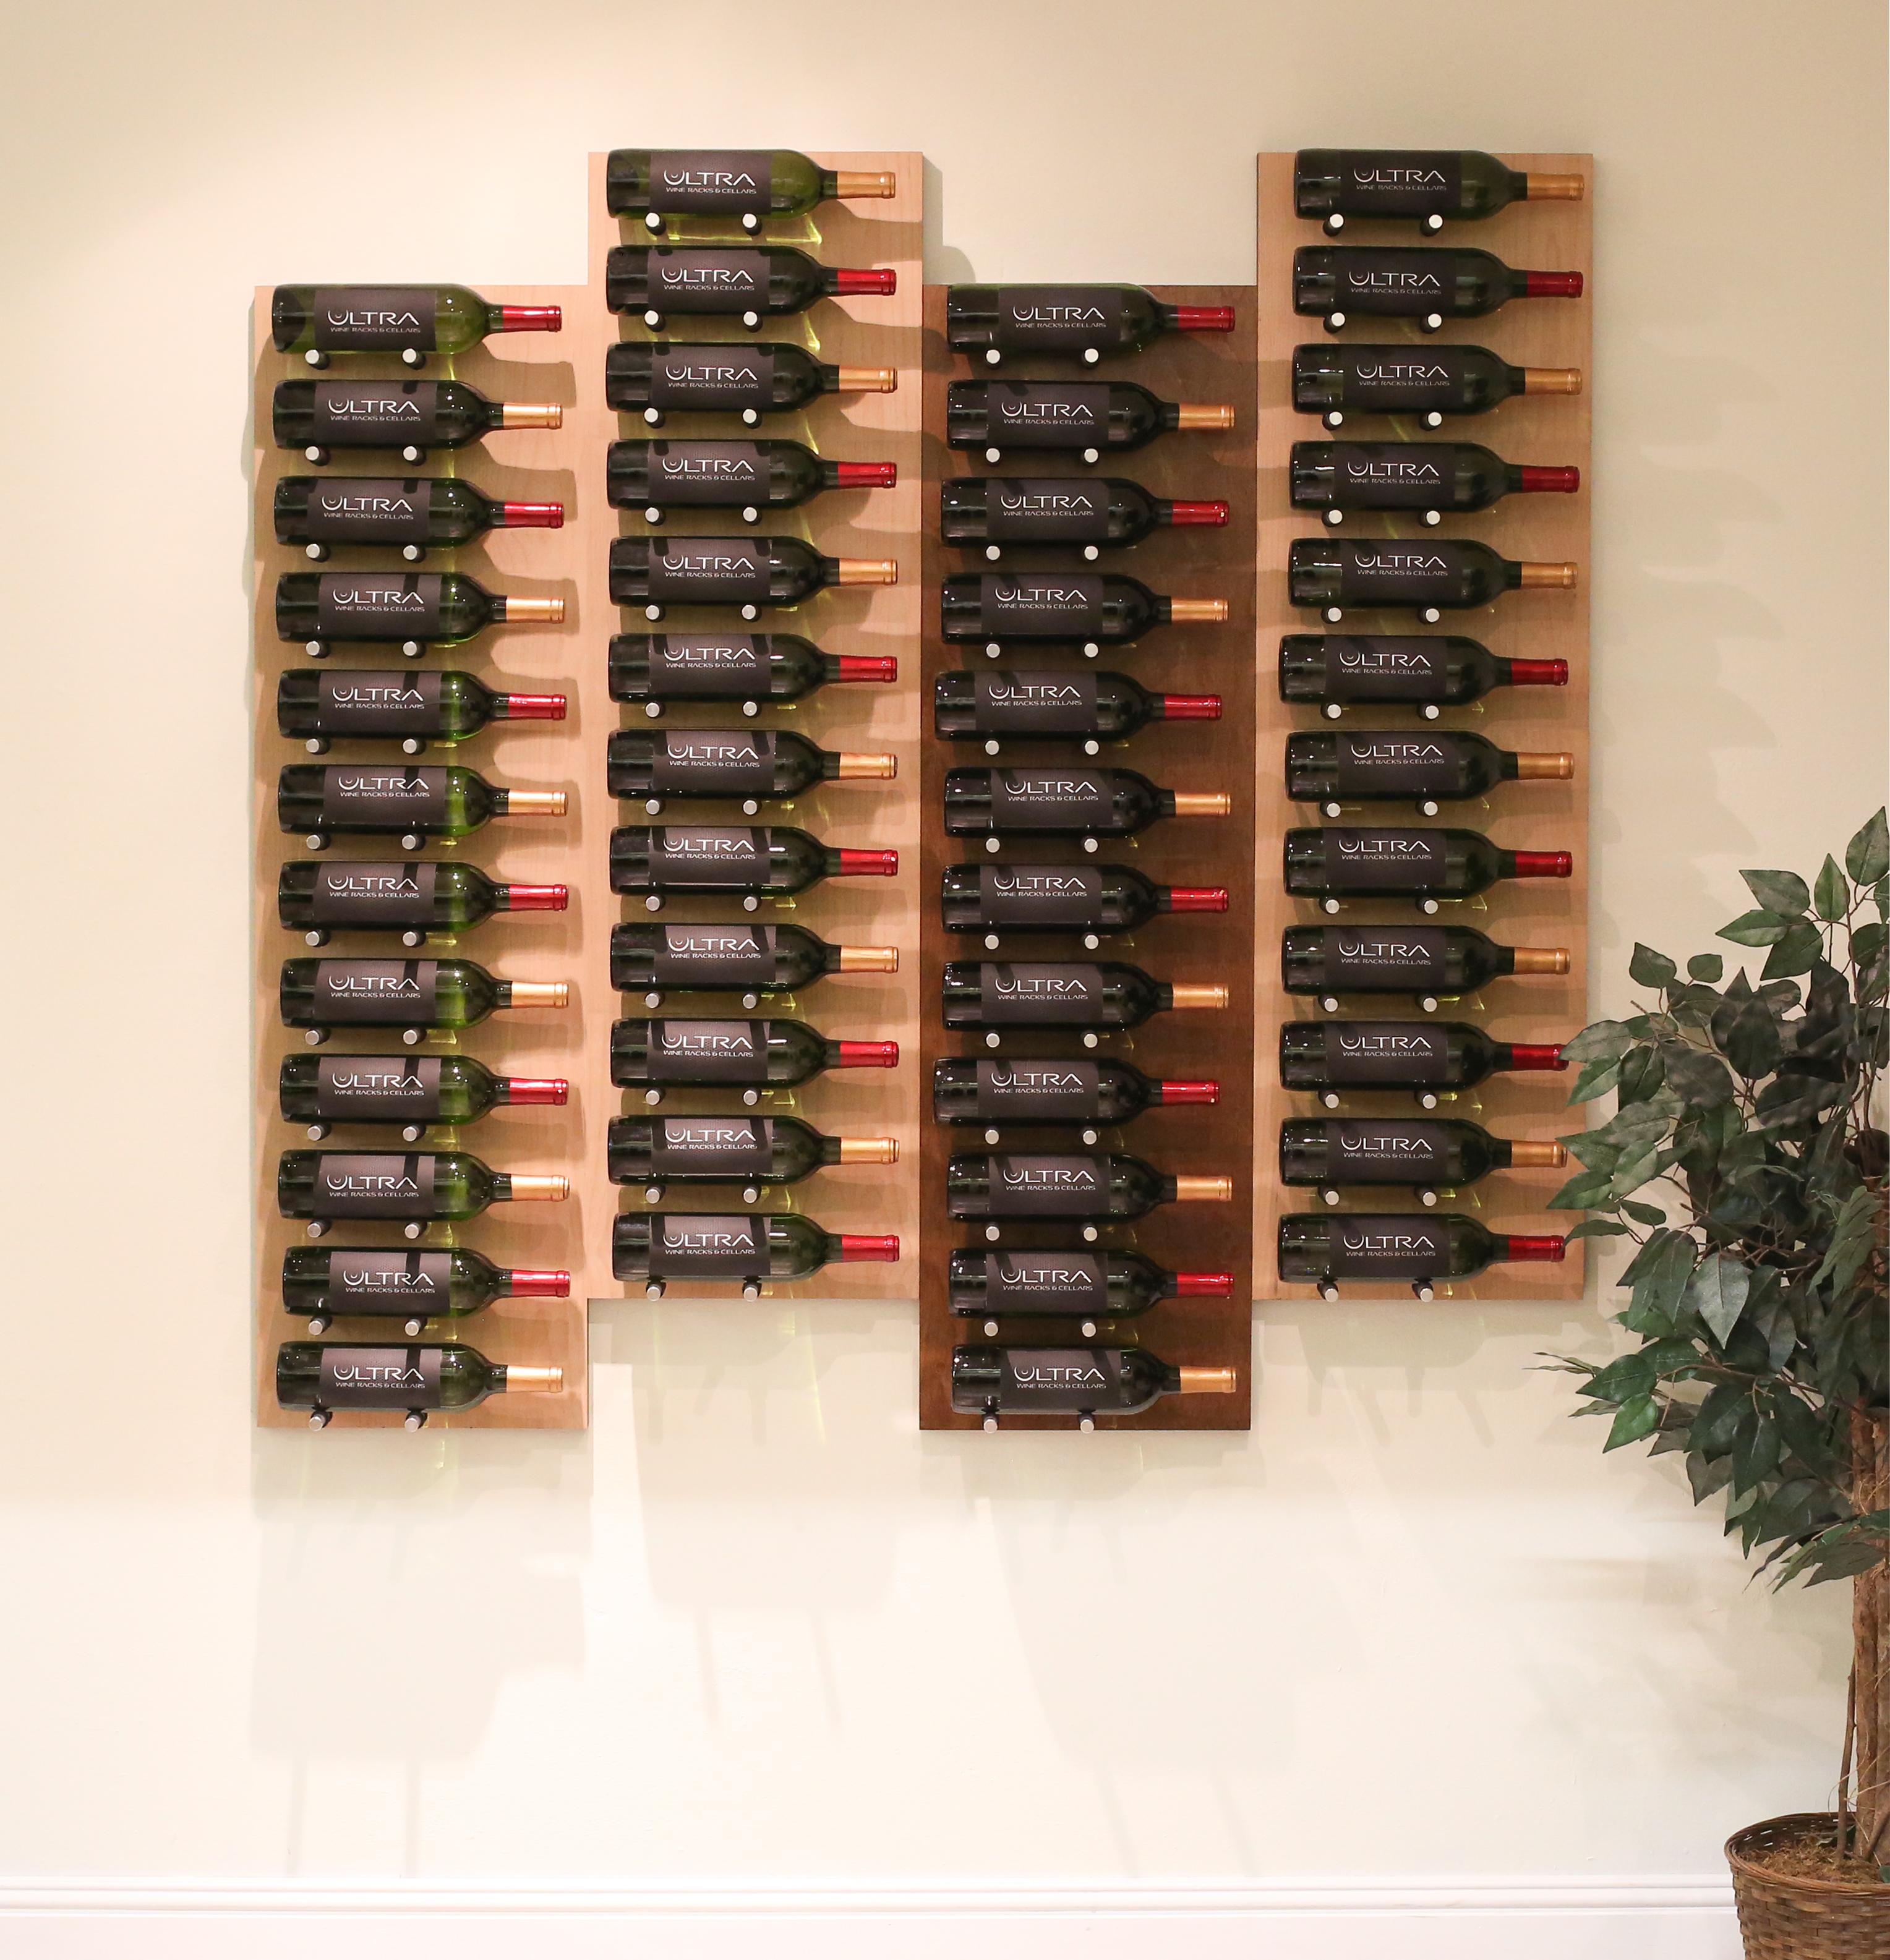 Charmant Ultra Wine Racks U0026 Cellars